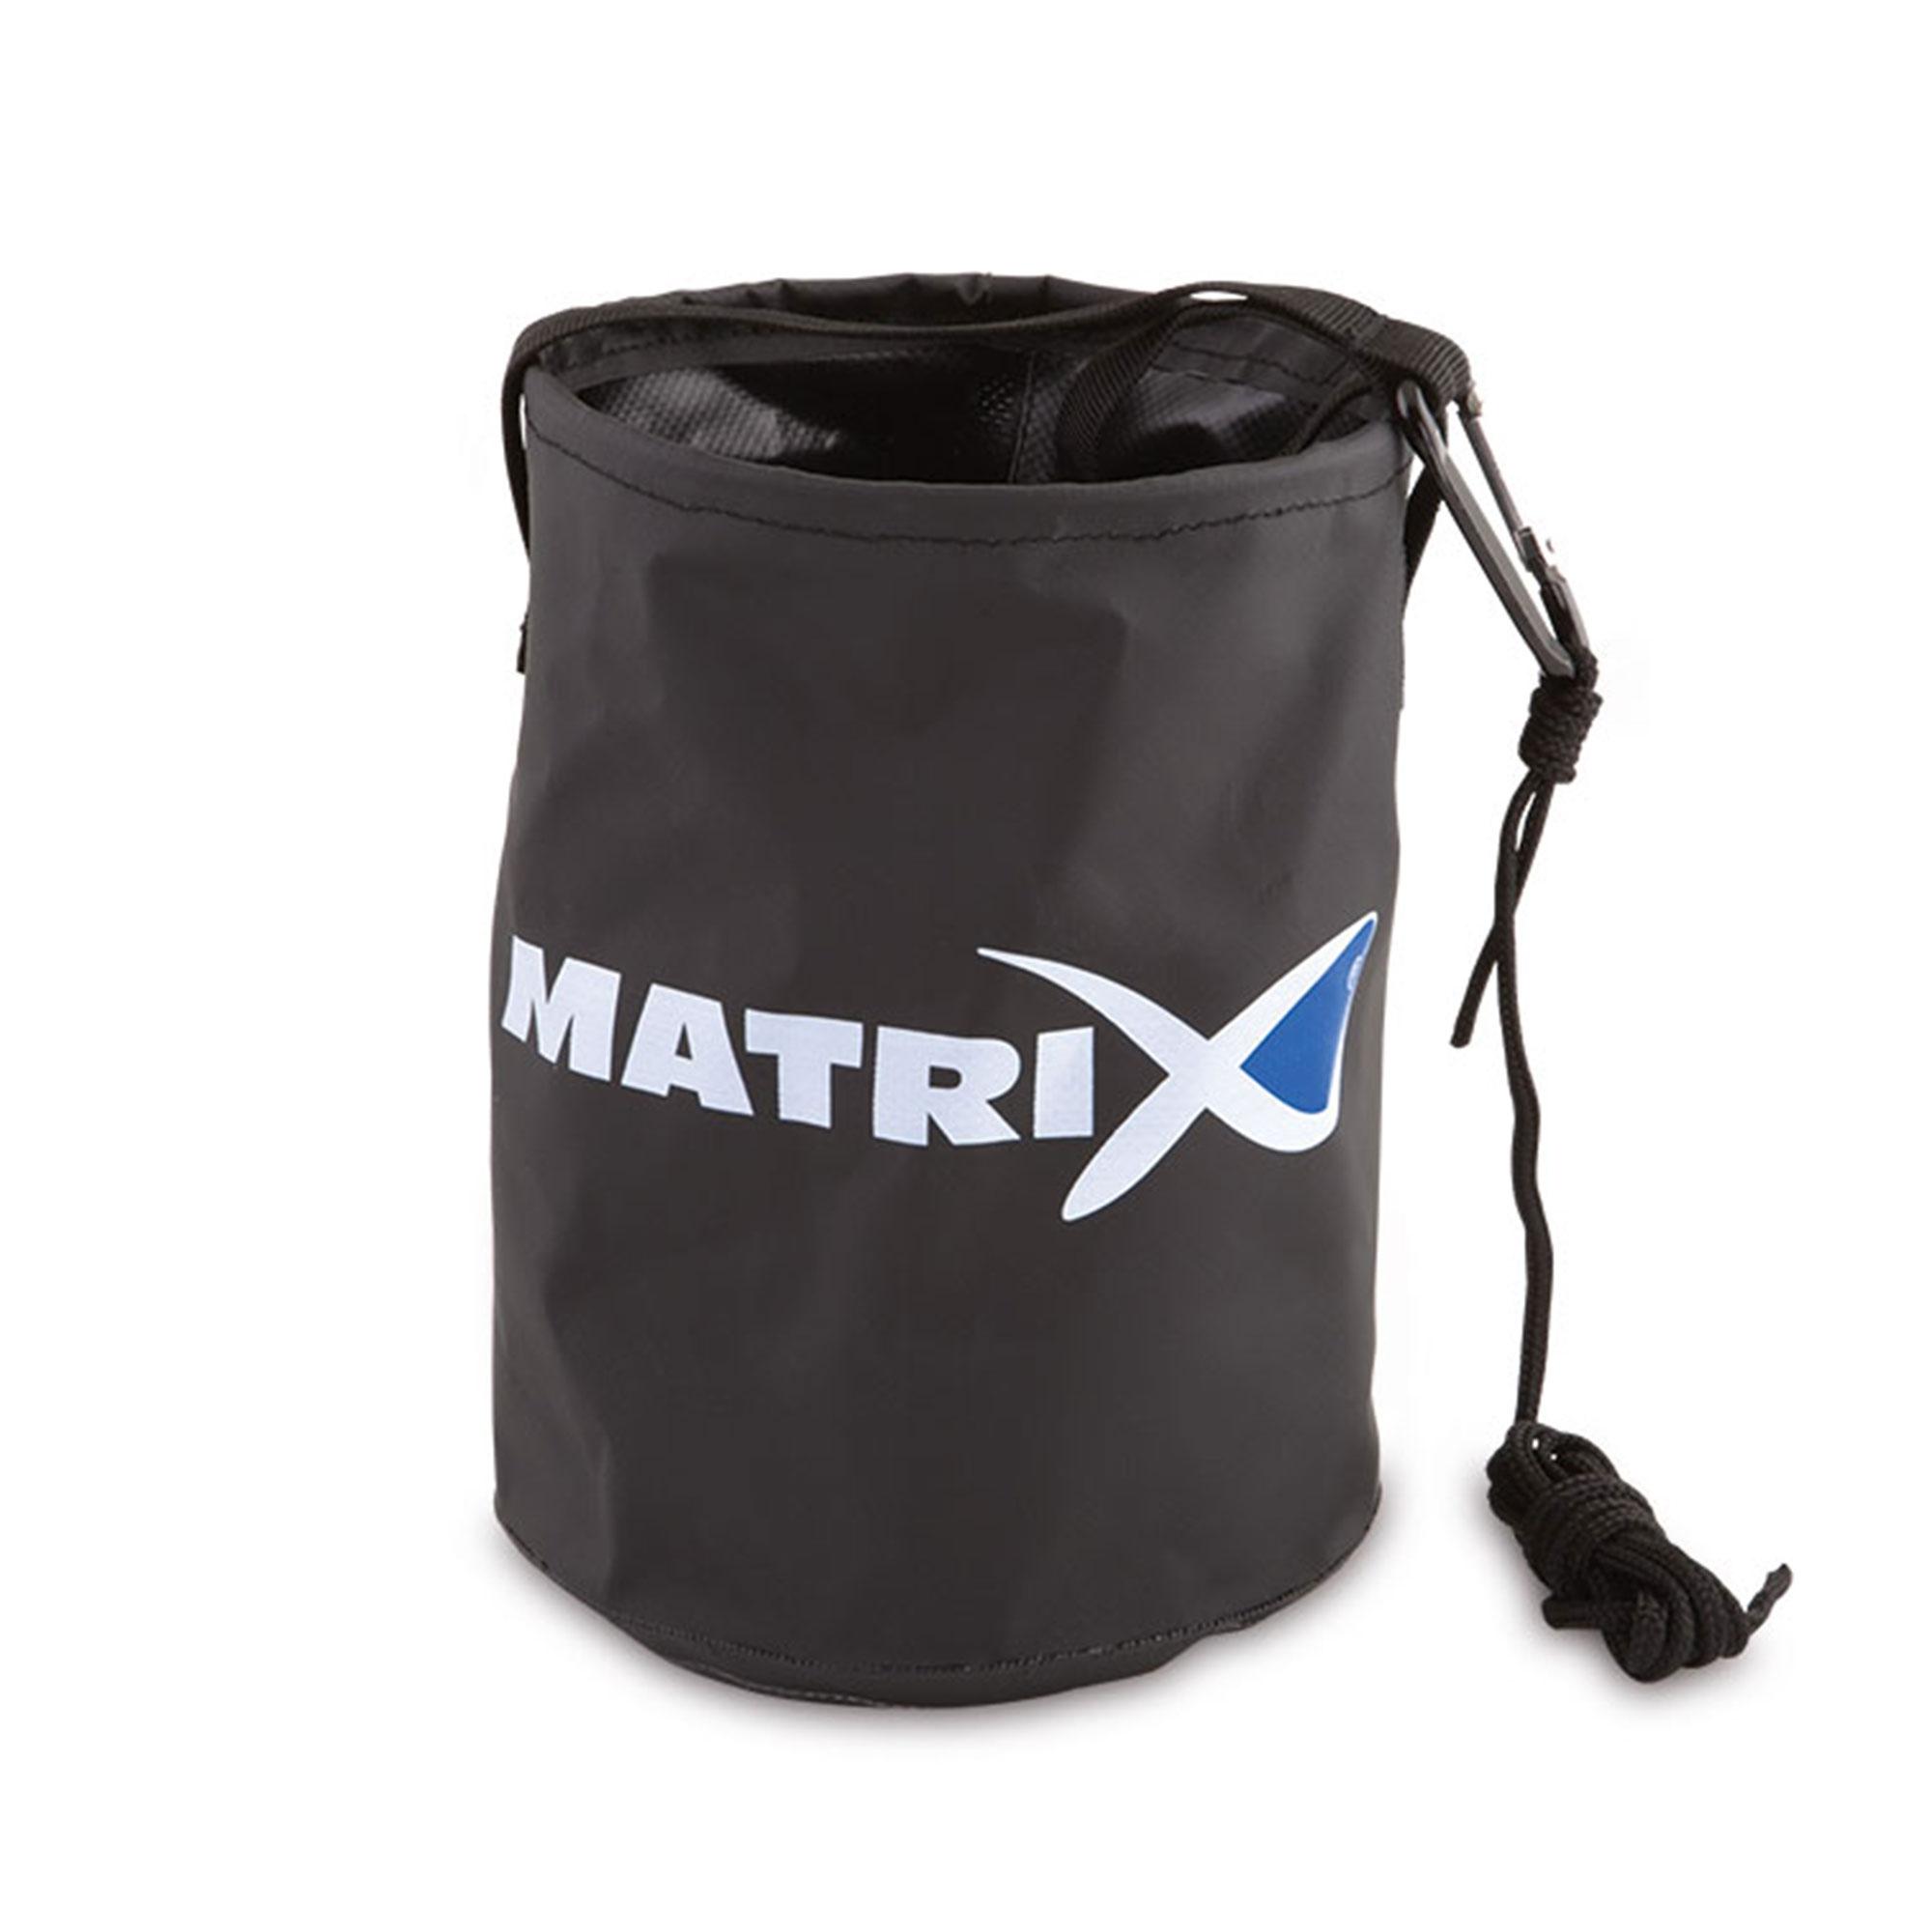 Secchiello prendi acqua in  MATRIX